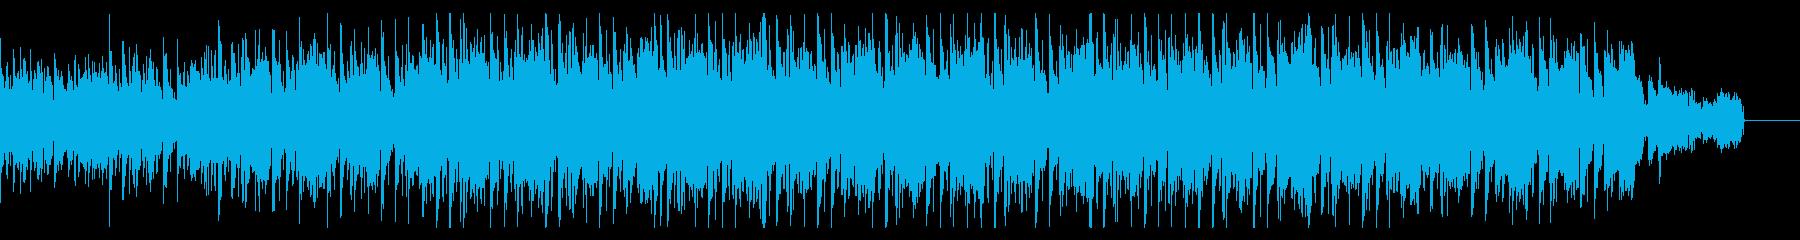 シンプルなノリのダークなハウスの再生済みの波形